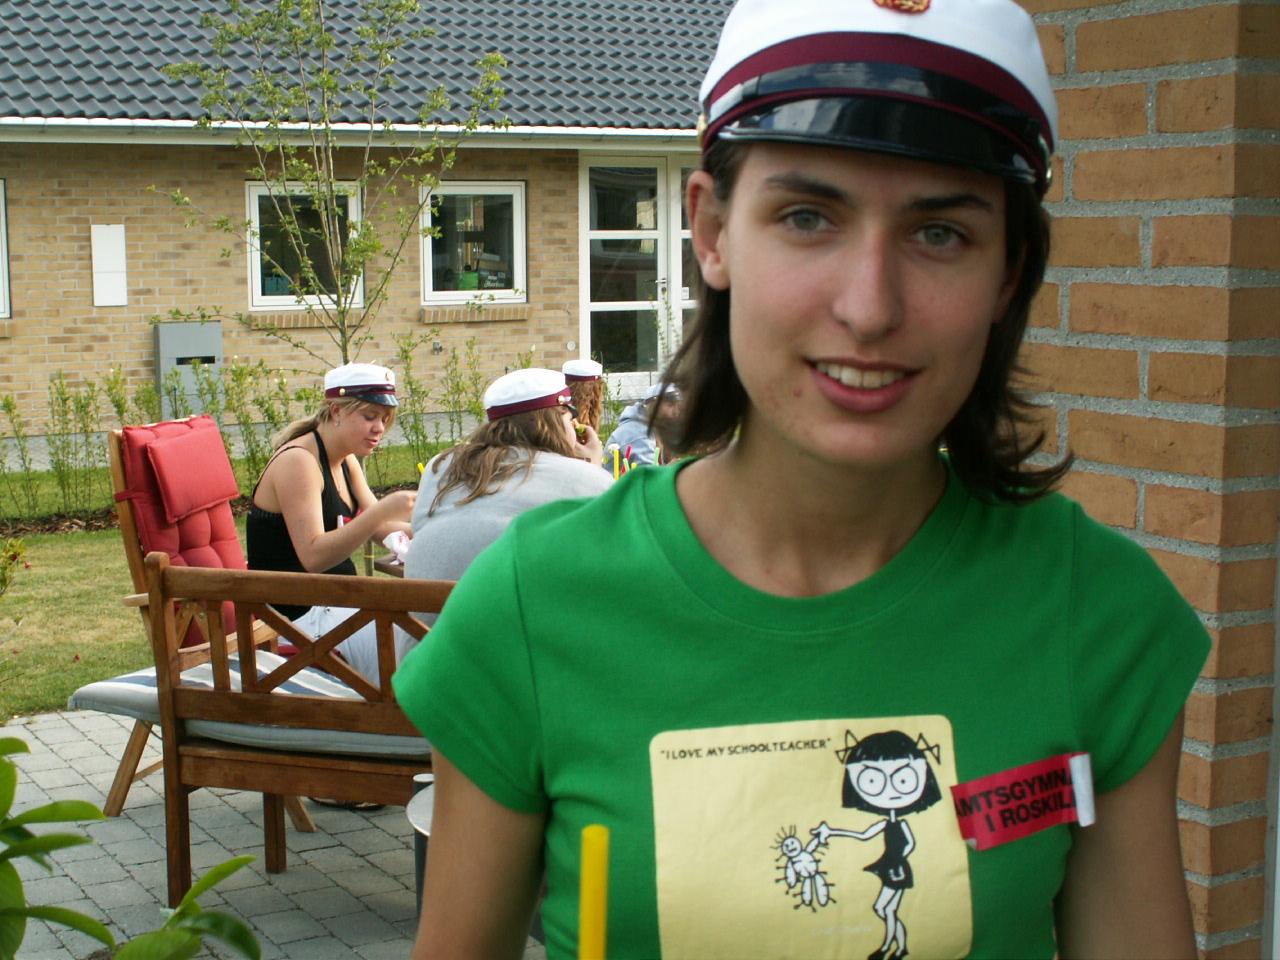 26.06.2008 Mettes studentertur